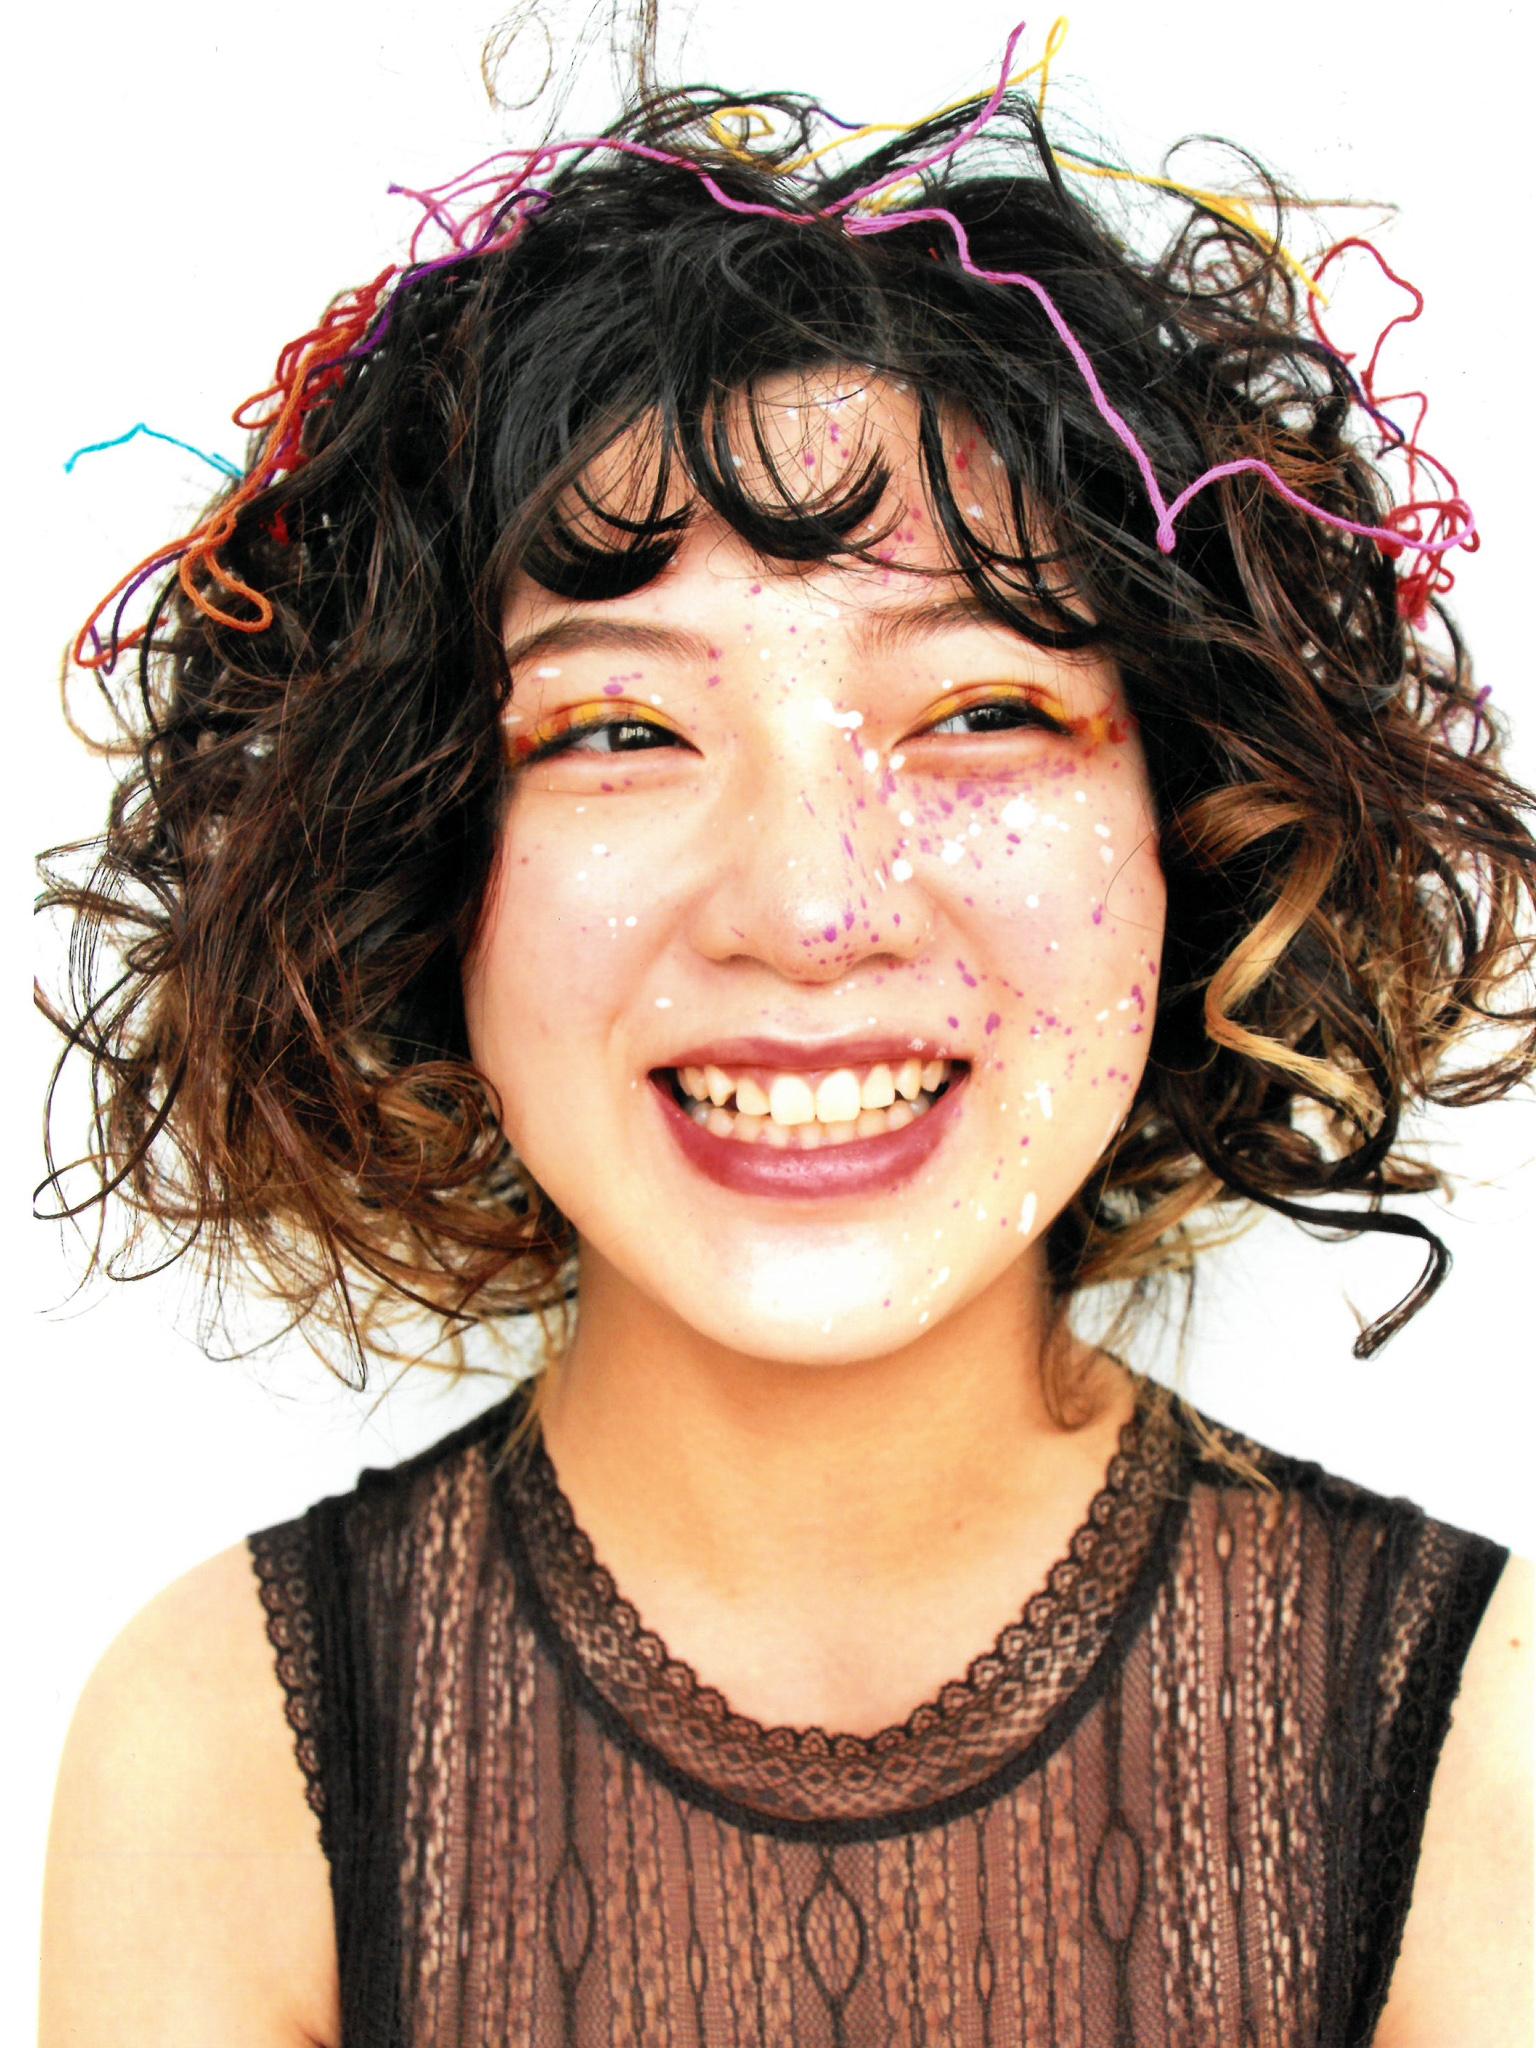 木村 真優さんの作品画像